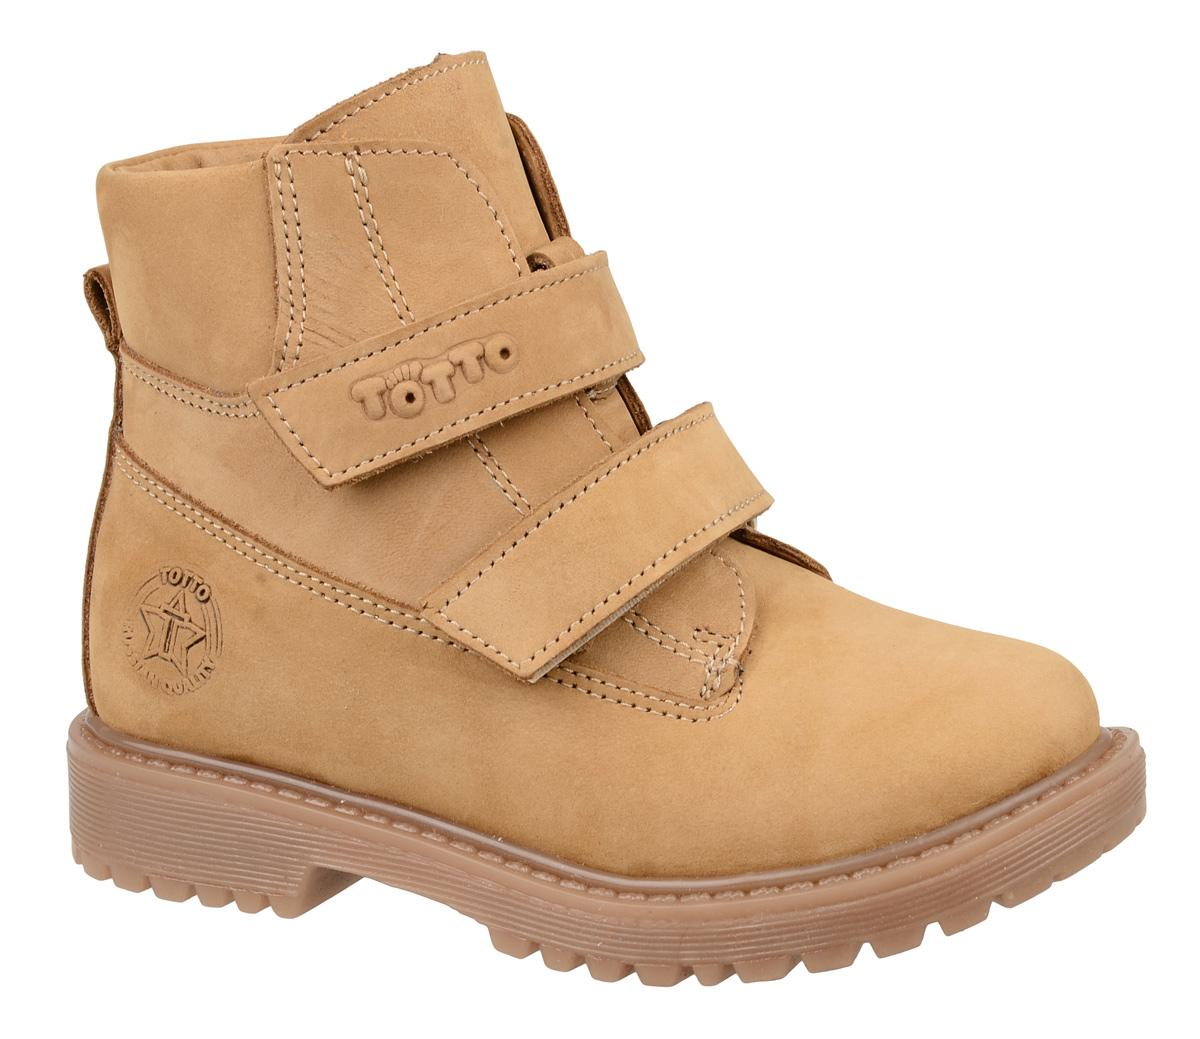 Ботинки для мальчика Тотто, цвет: светло-коричневый. 1126/2-БП. Размер 291126/2-БПБотинки для мальчика Тотто - это ортопедическая обувь, которая помогает правильному формированию стопы ребенка. Такая обувь необходима в детском возрасте для коррекции стоп при плоскостопии и вальгусной деформации, а также для профилактики этих состояний. Она обеспечивает правильное распределение нагрузки на передний отдел стопы и пятку, за счет чего малыш лучше удерживает равновесие и чувствует себя более уверенно. Обувь Тотто идеально подходит для детей, которые только начали ходить.Верх ботинок выполнен из натуральной кожи. Подошва изготовлена из легкого, гибкого и прочного термопластичного материала, она смягчает удары от соприкосновения обуви с поверхностью, защищая детскую ножку от травм. Протектор подошвы обеспечивает надежное сцепление с землей или асфальтом. Внутренняя поверхность и стелька отделаны байкой. Ботинки застегиваются с помощью ремешков на липучки, благодаря которым можно регулировать объем обуви. Весь модельный ряд Тотто характеризует: плотный захват голеностопа, мягкие нейтрализующие швы, жесткий задник продлен до середины стопы, стельки со сводоподдерживающим эффектом, натуральная кожа.